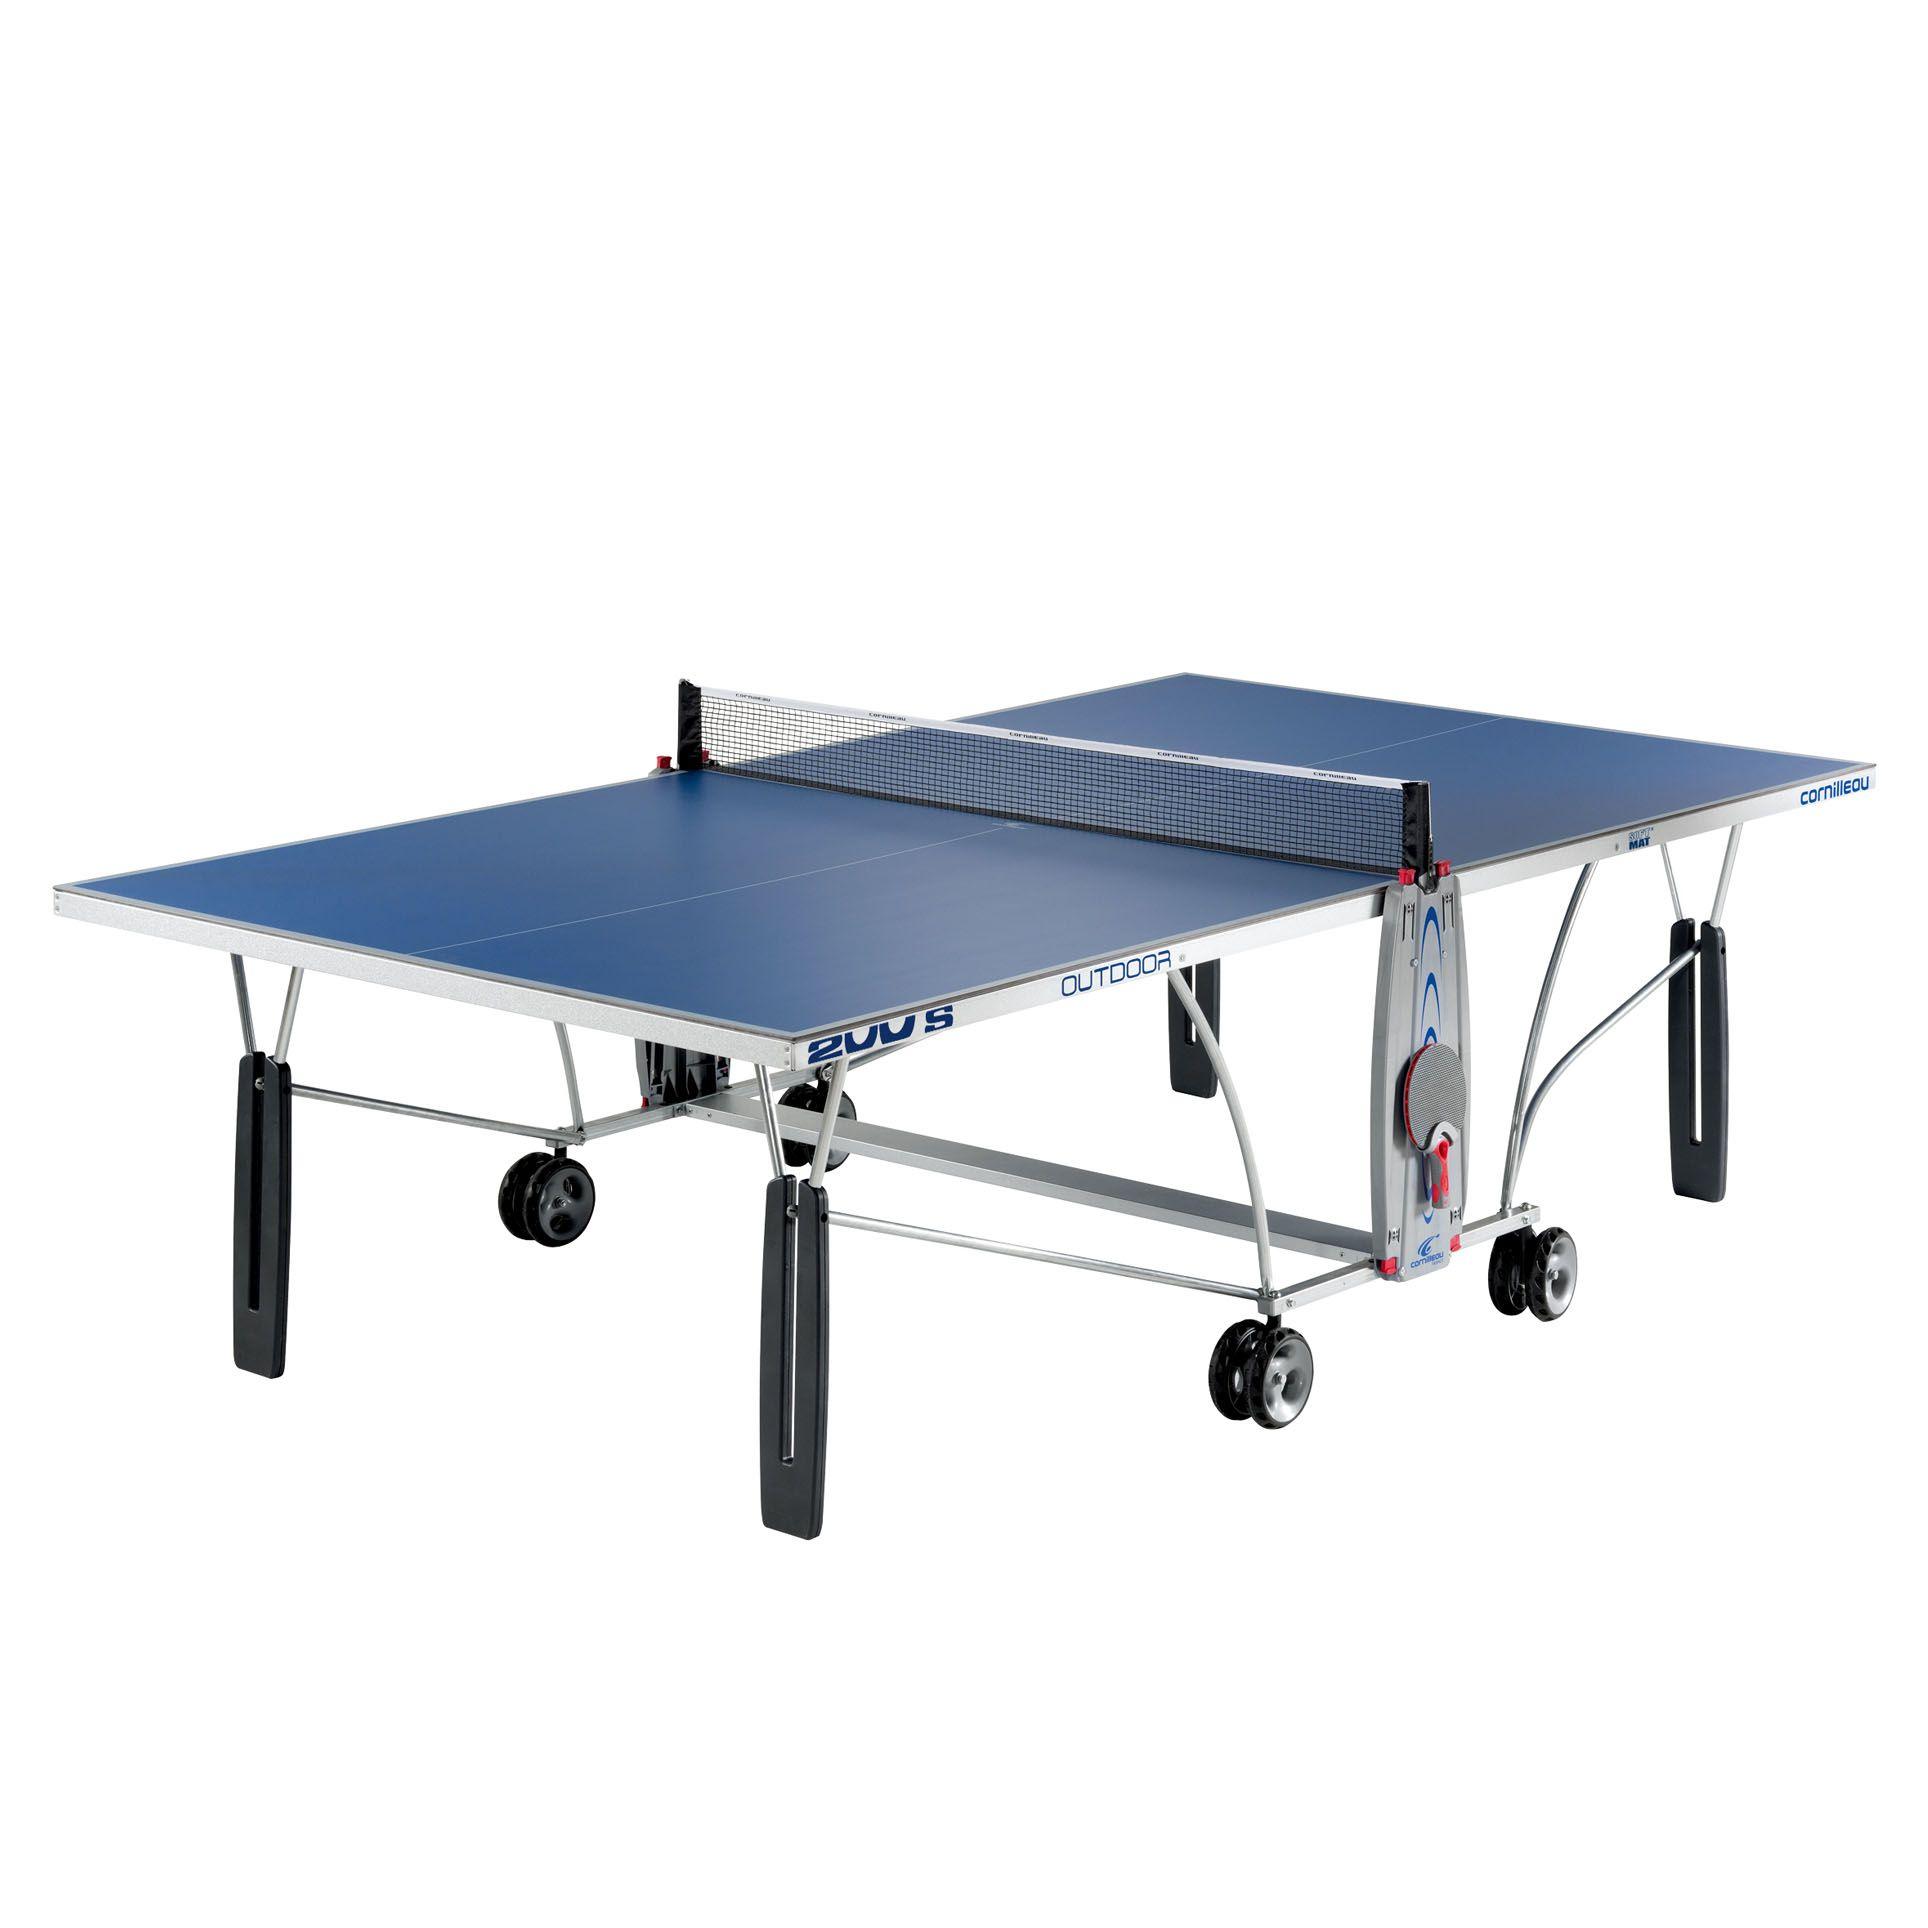 Cornilleau sport 200s rollaway outdoor table tennis table - Weatherproof table tennis table ...